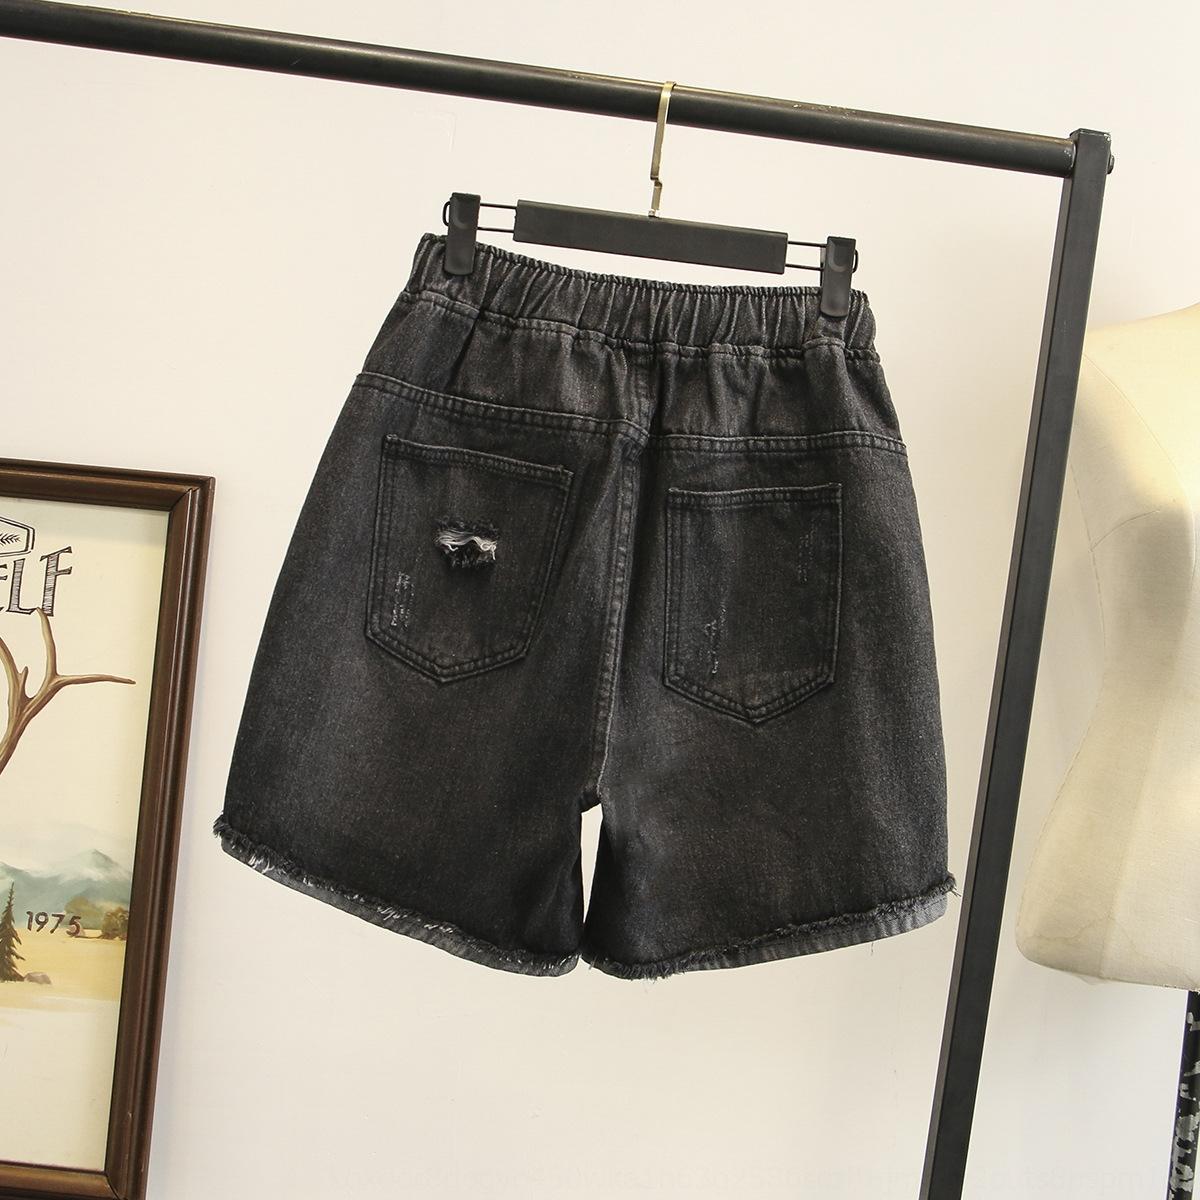 irmã Verão BiyGy Plus Plus tamanho mulheres vestuário 200 Shorts jin hot pants gordura shorts novos maré estilo coreano denim calças quentes rasgado 4091